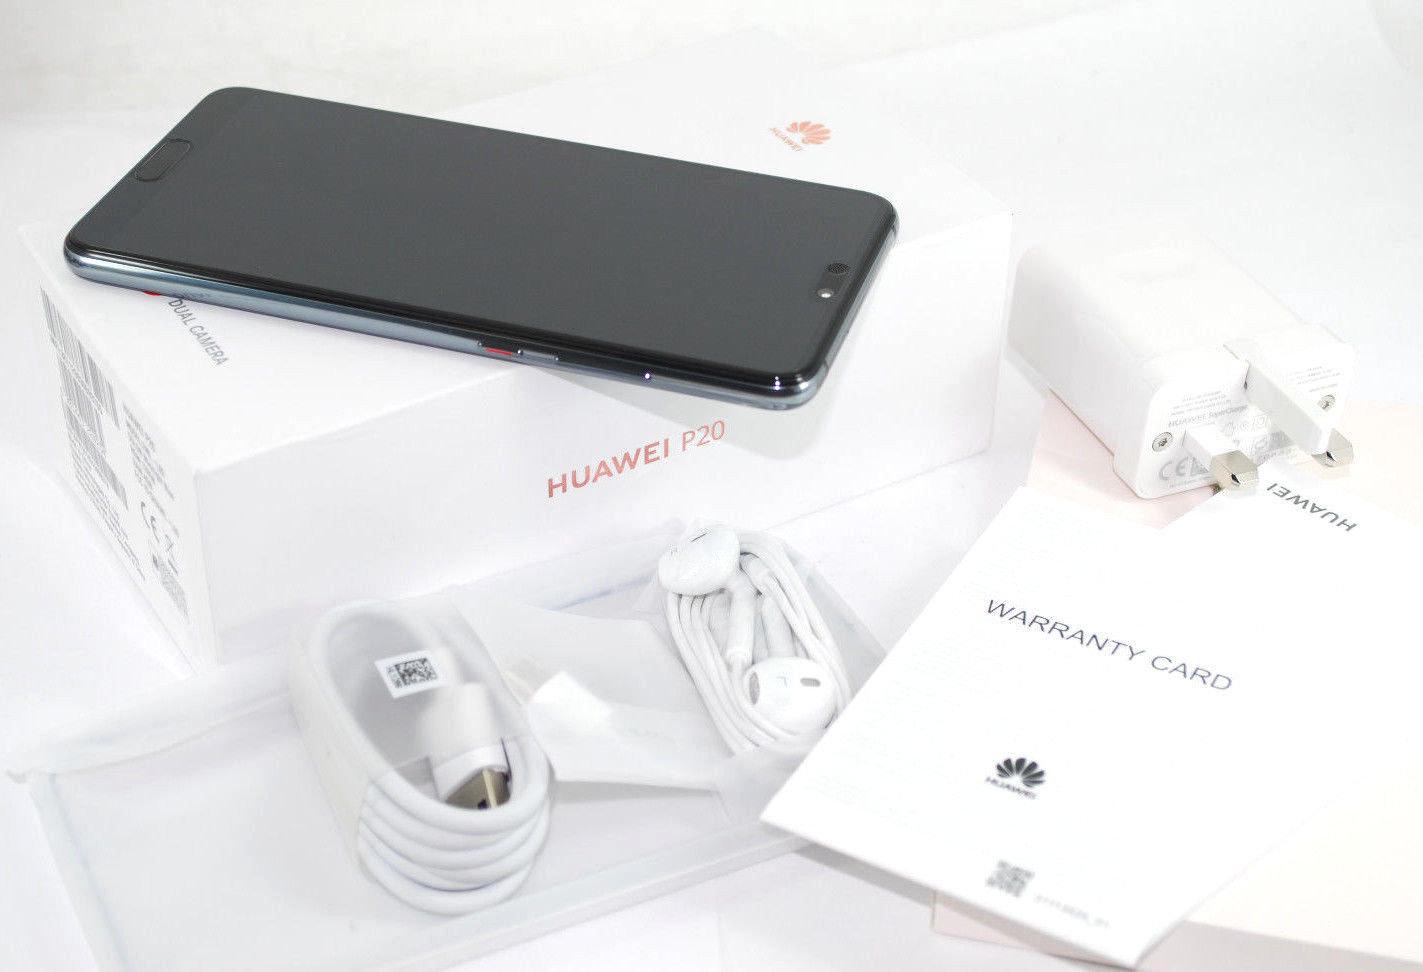 NEW Huawei P20 Blue 128GB EML-L09 UNLOCKED SIM FREE Single Sim